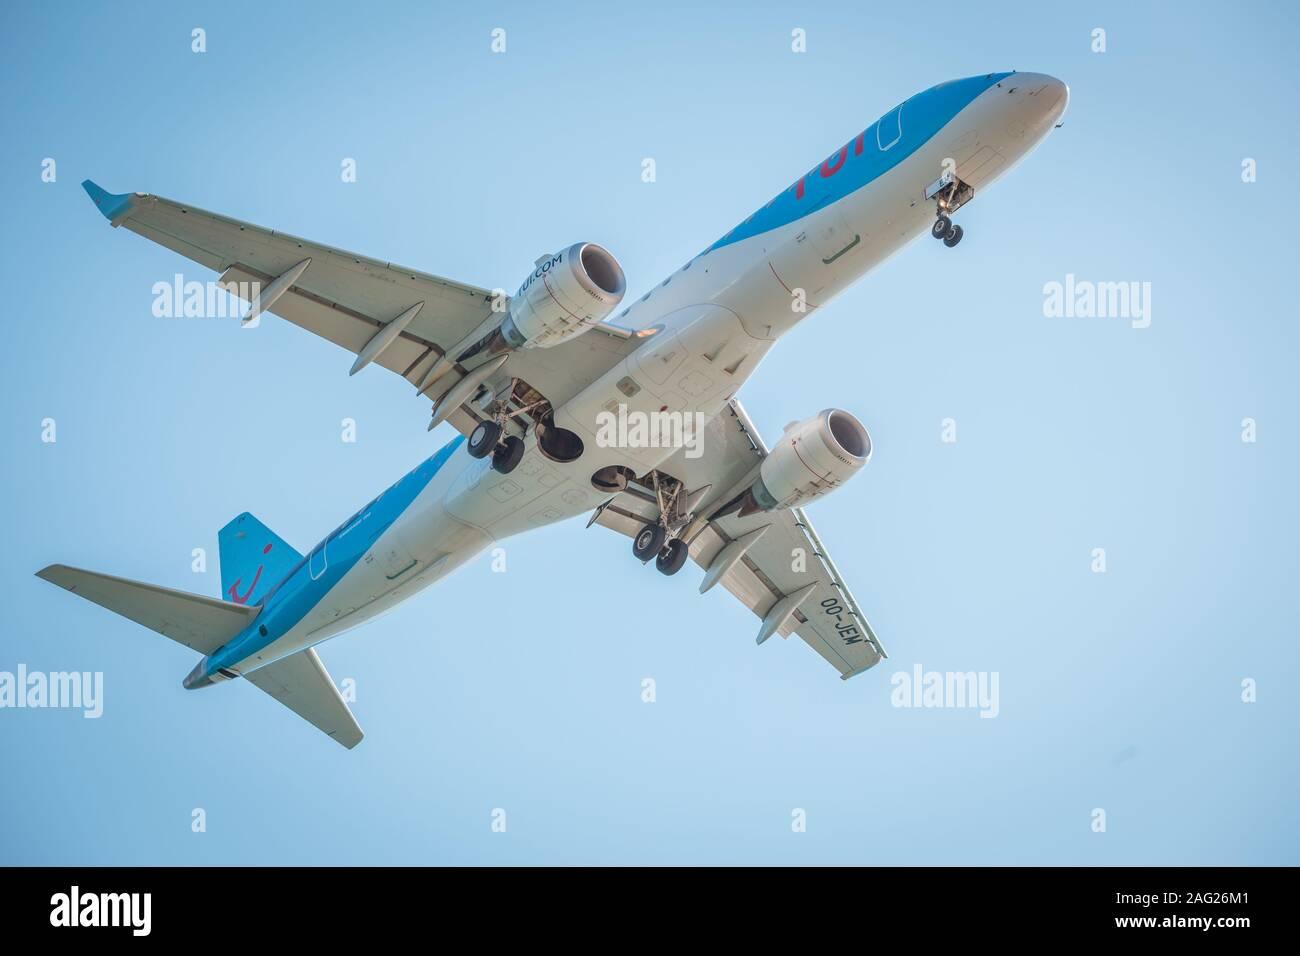 Zakynthos, Grecia, agosto de 2019: Gran Avión, probablemente TUI, con el tren de aterrizaje abajo, bajo vientre vista, durante el aterrizaje en Zakynthos International Foto de stock